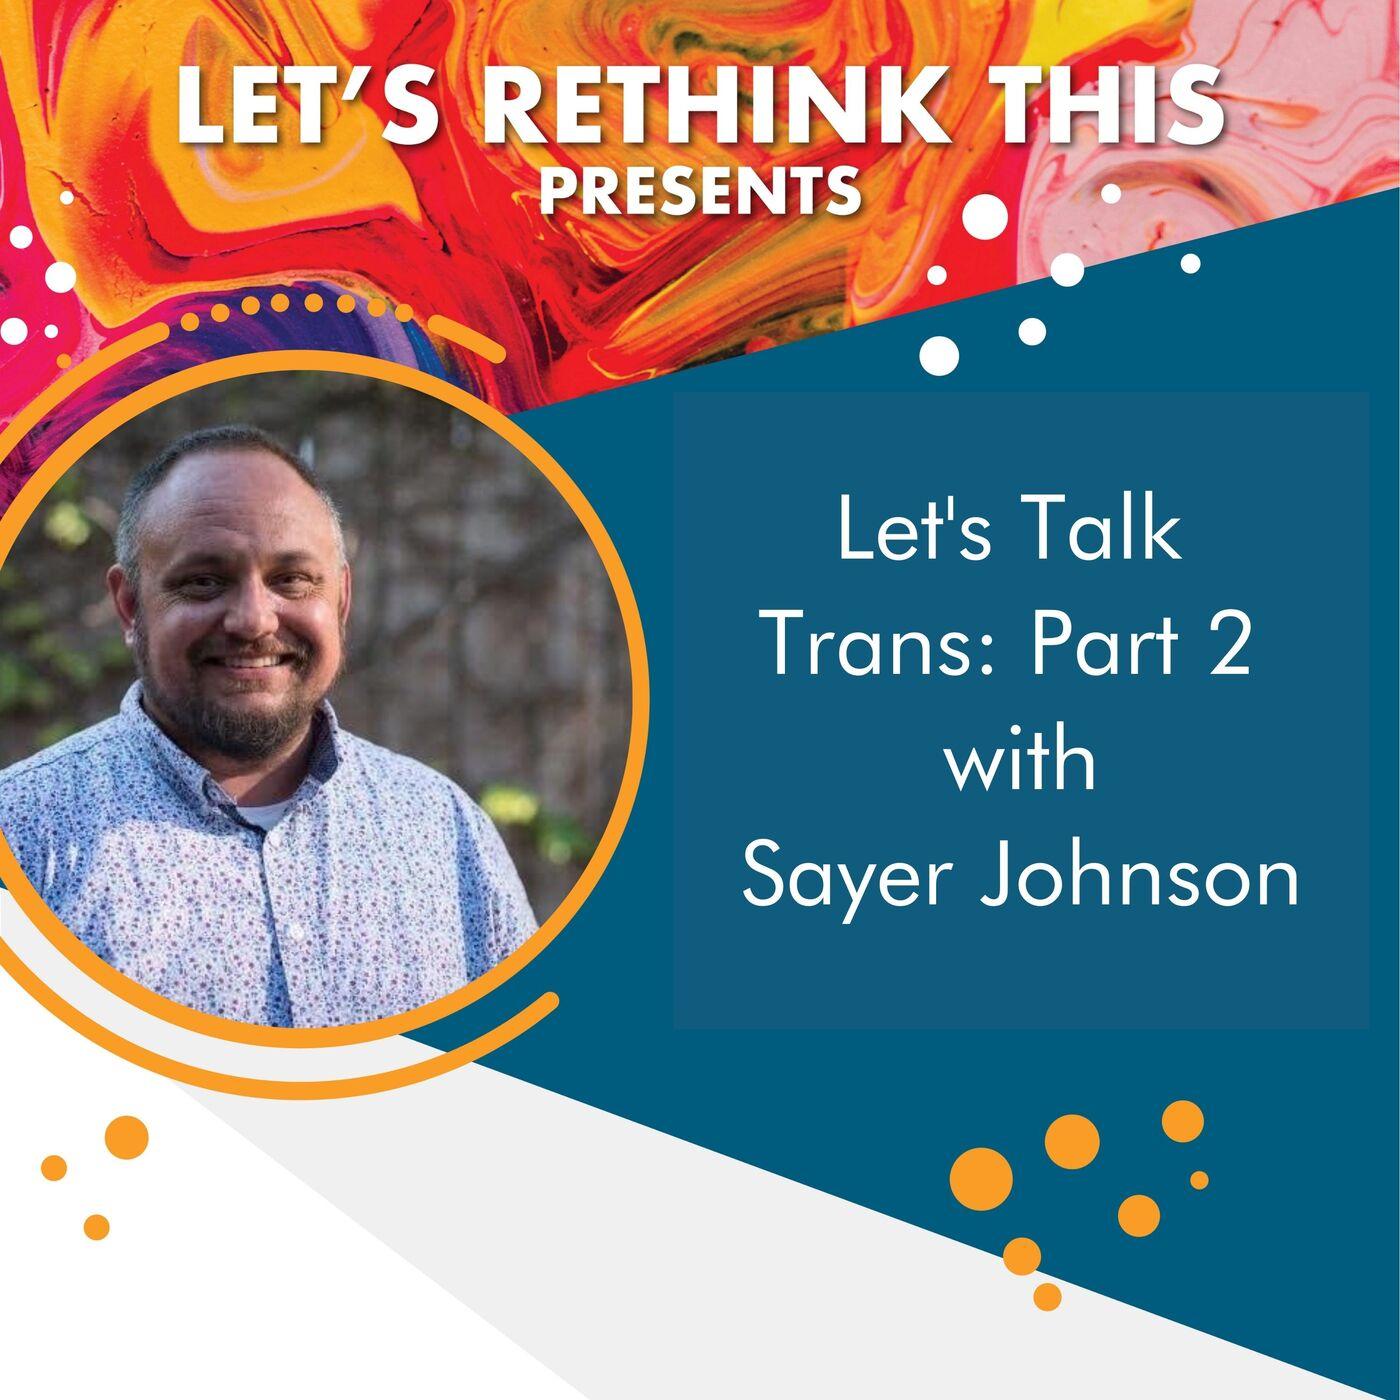 Let's Talk Trans, Part 2